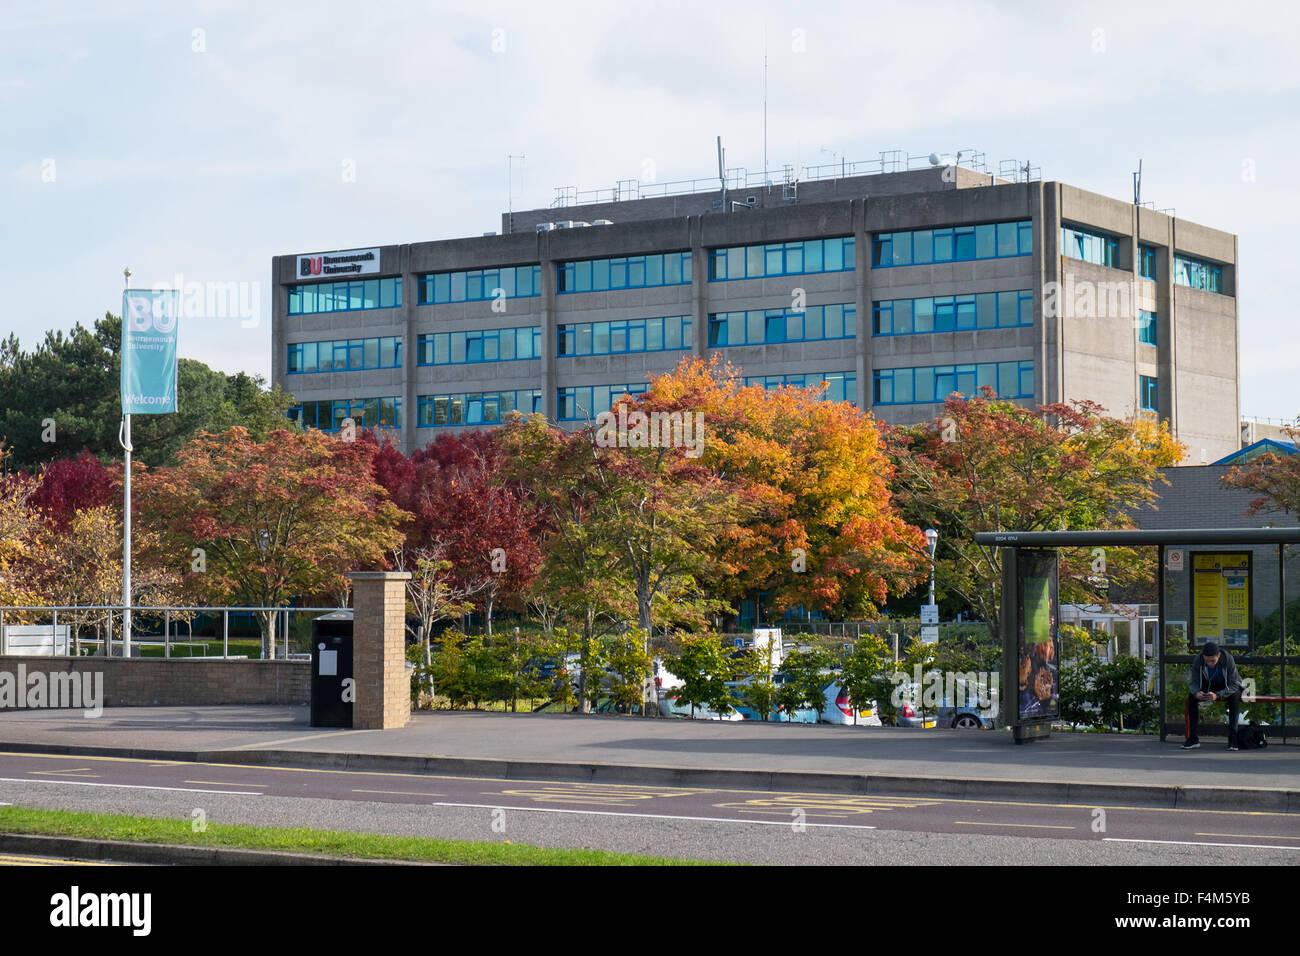 Exterior of Bournemouth University, Dorset, UK - Stock Image